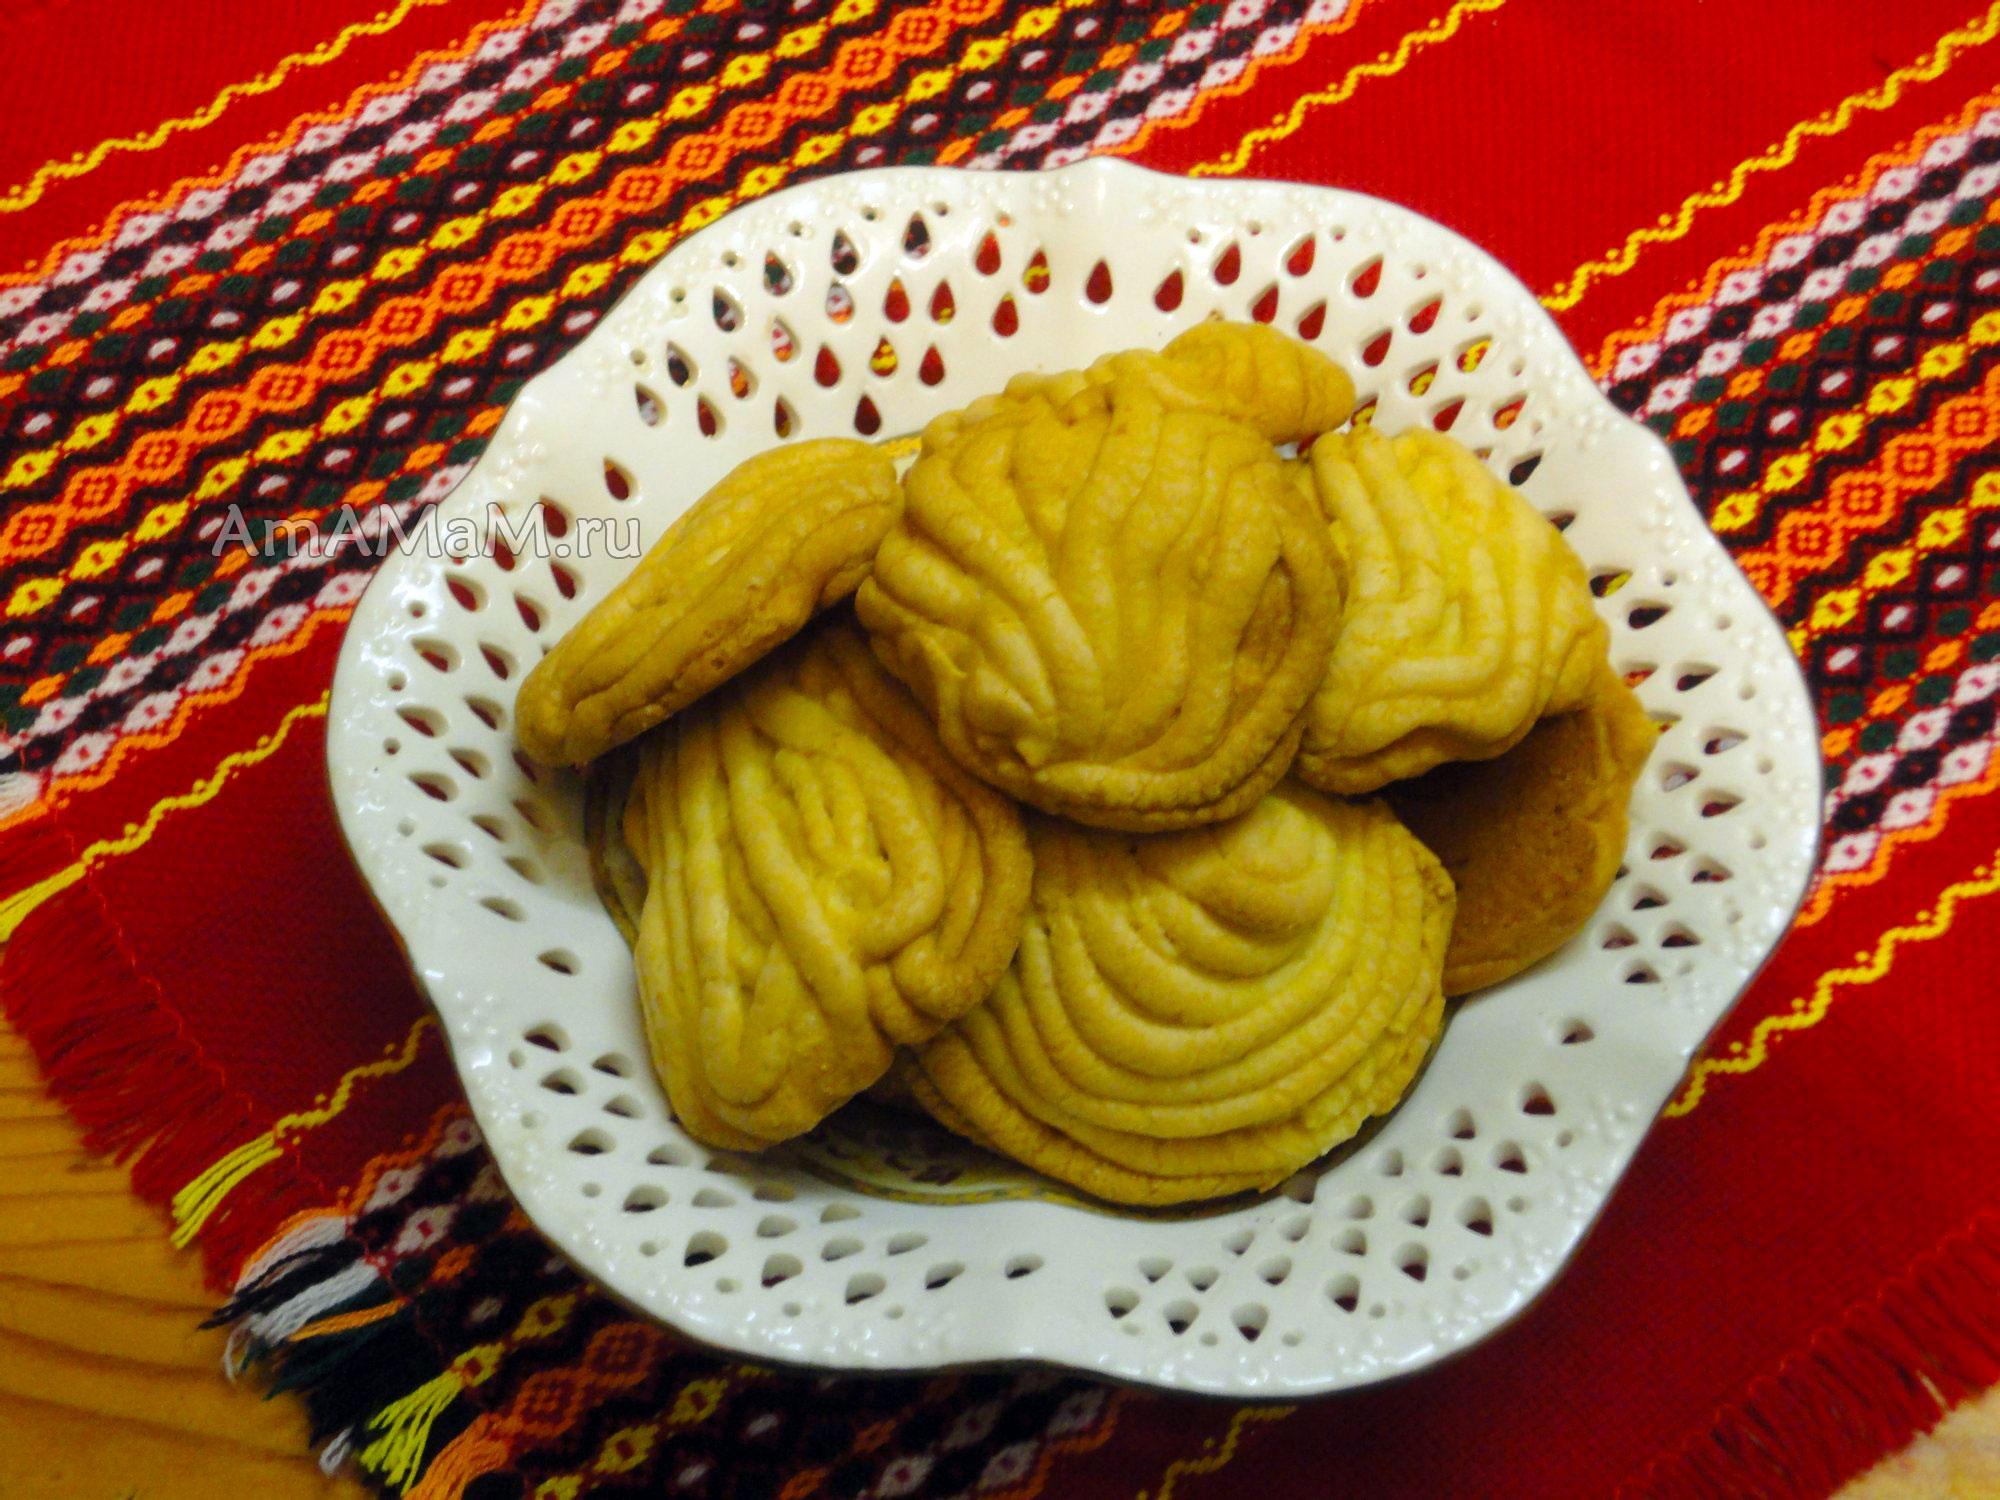 Вкусное печенье через мясорубку рецепт